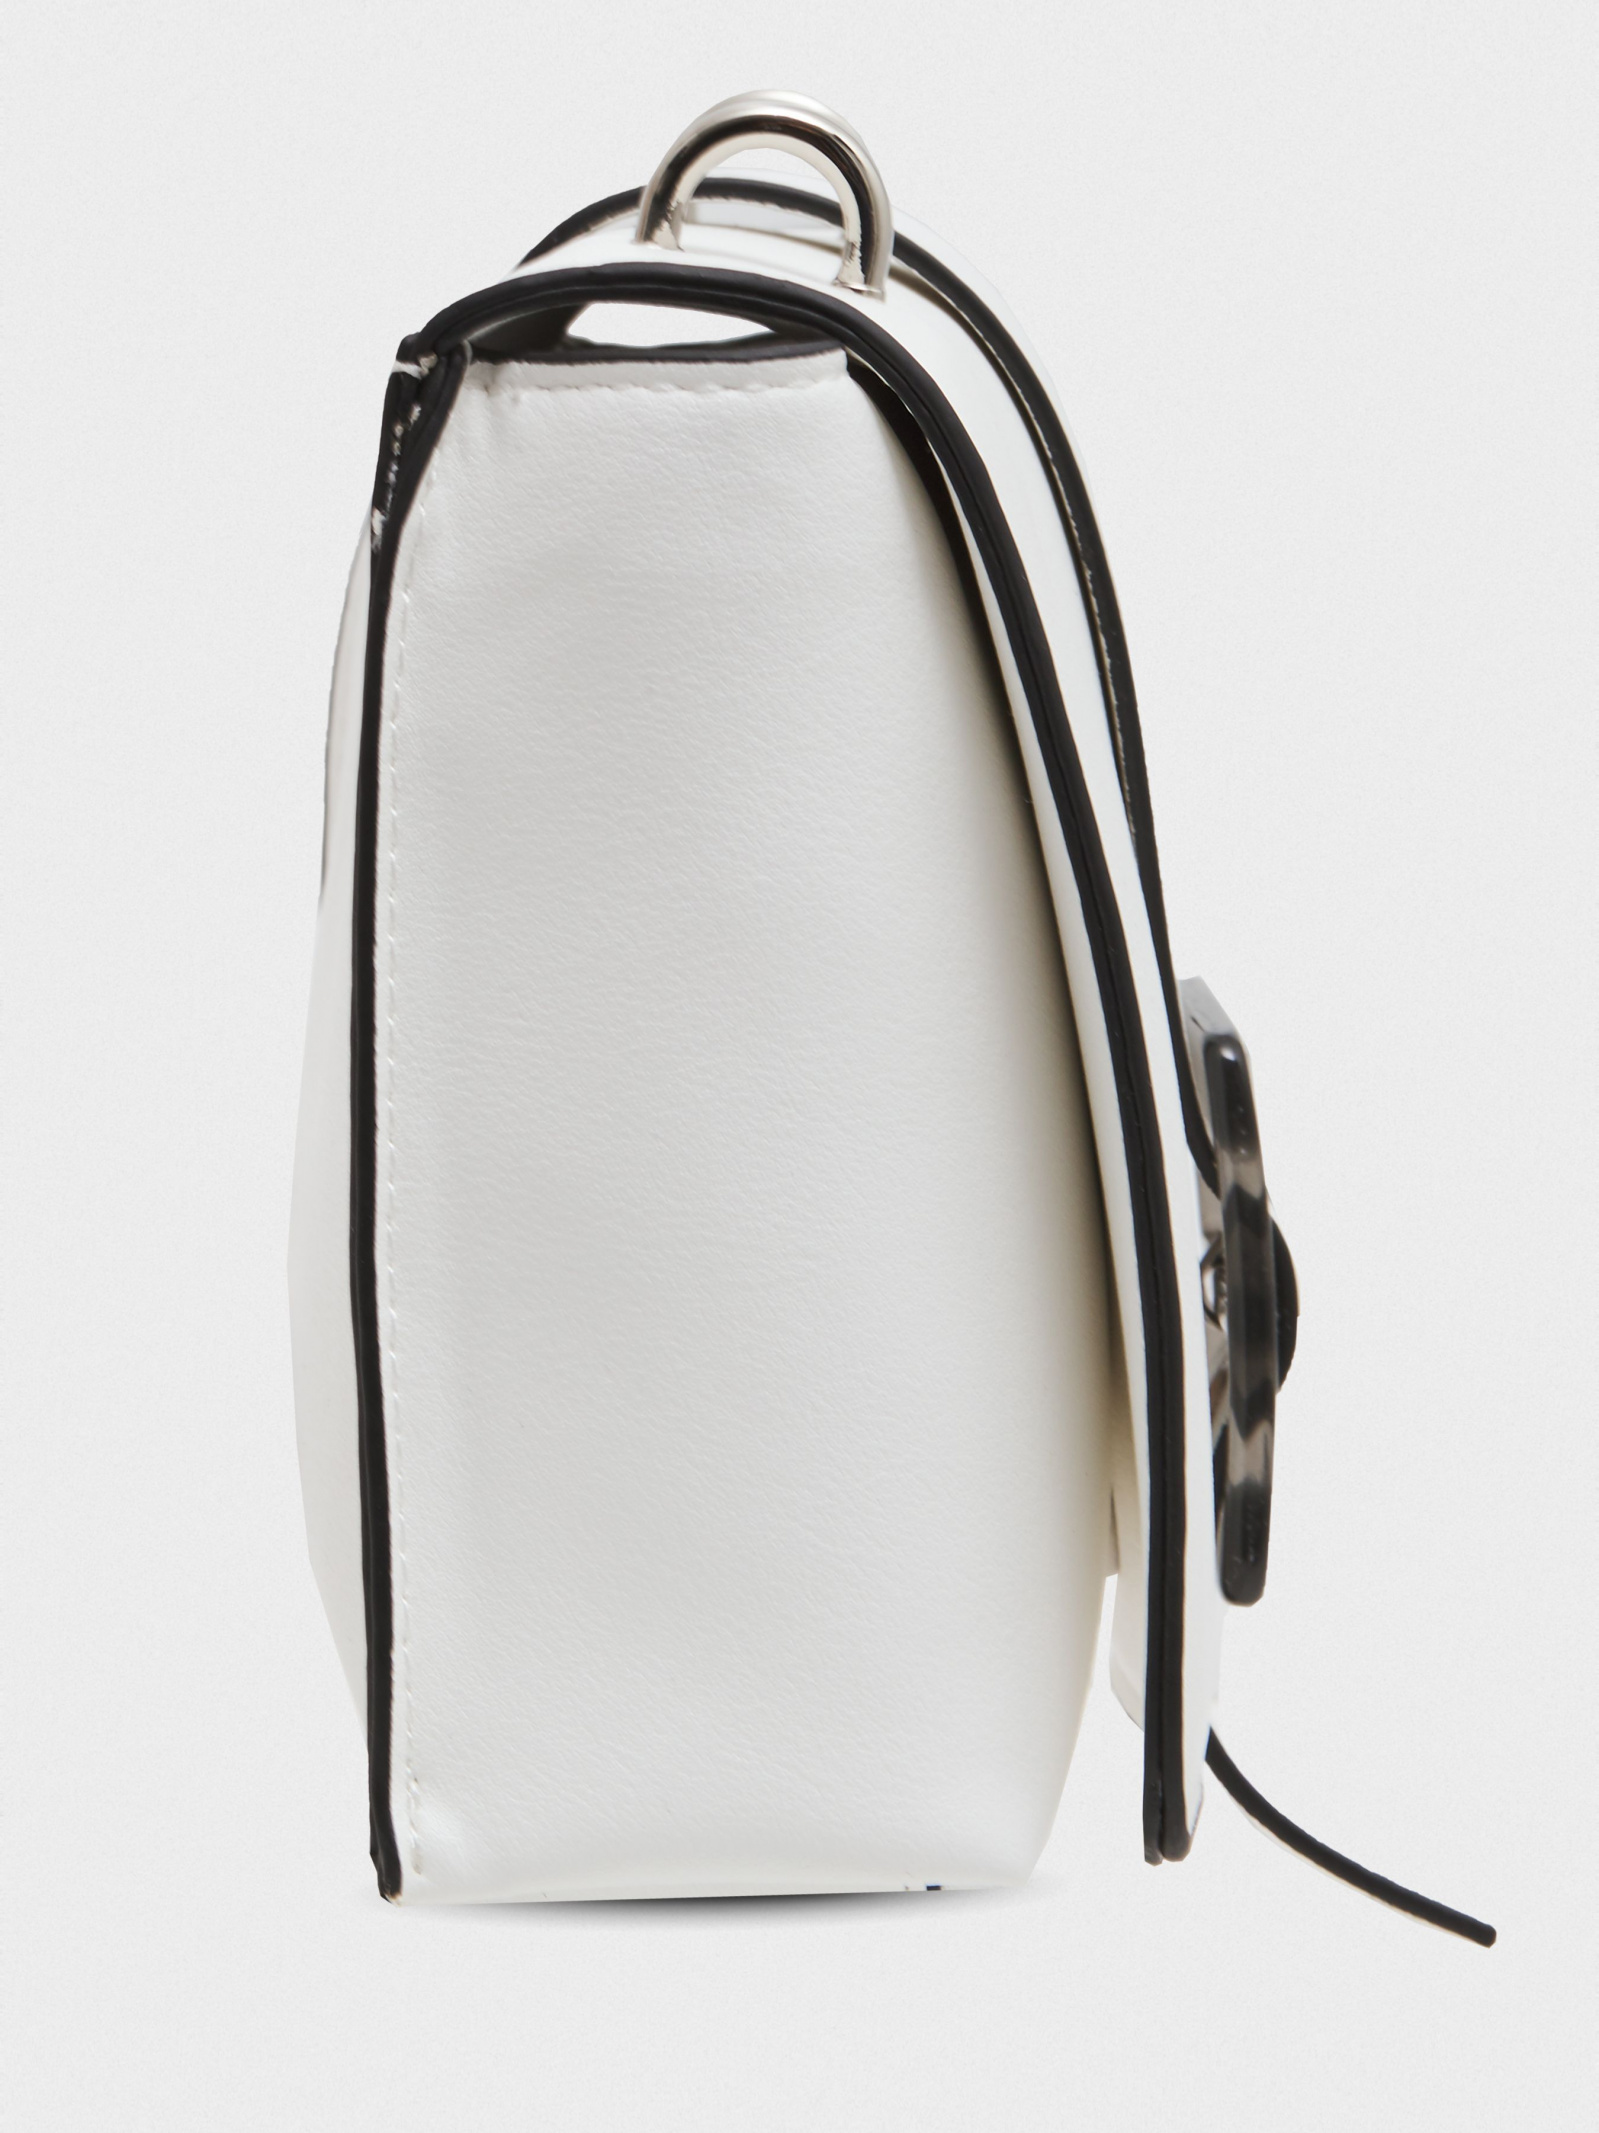 Marco Tozzi Сумка  модель 61017-24-100 white придбати, 2017